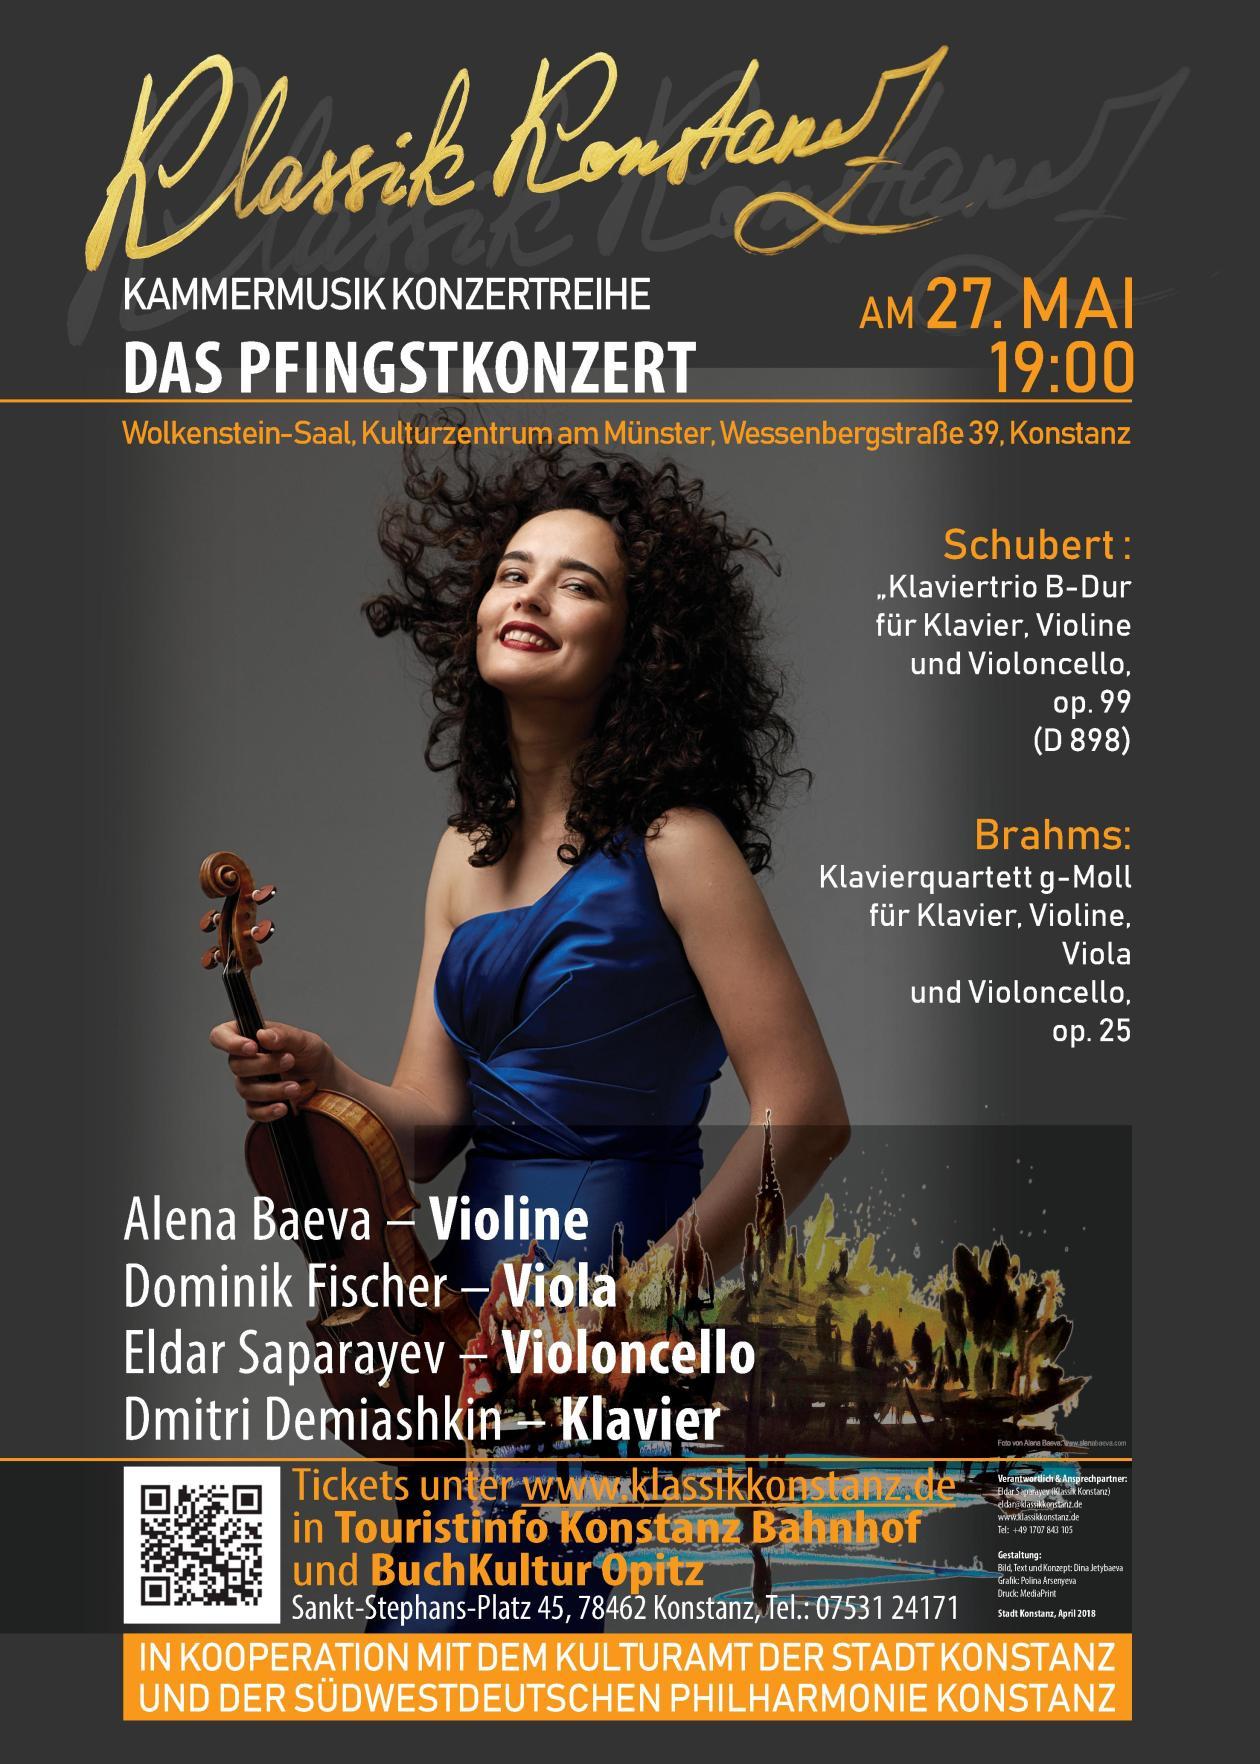 poster-KK-Pfingstkonzert.jpg